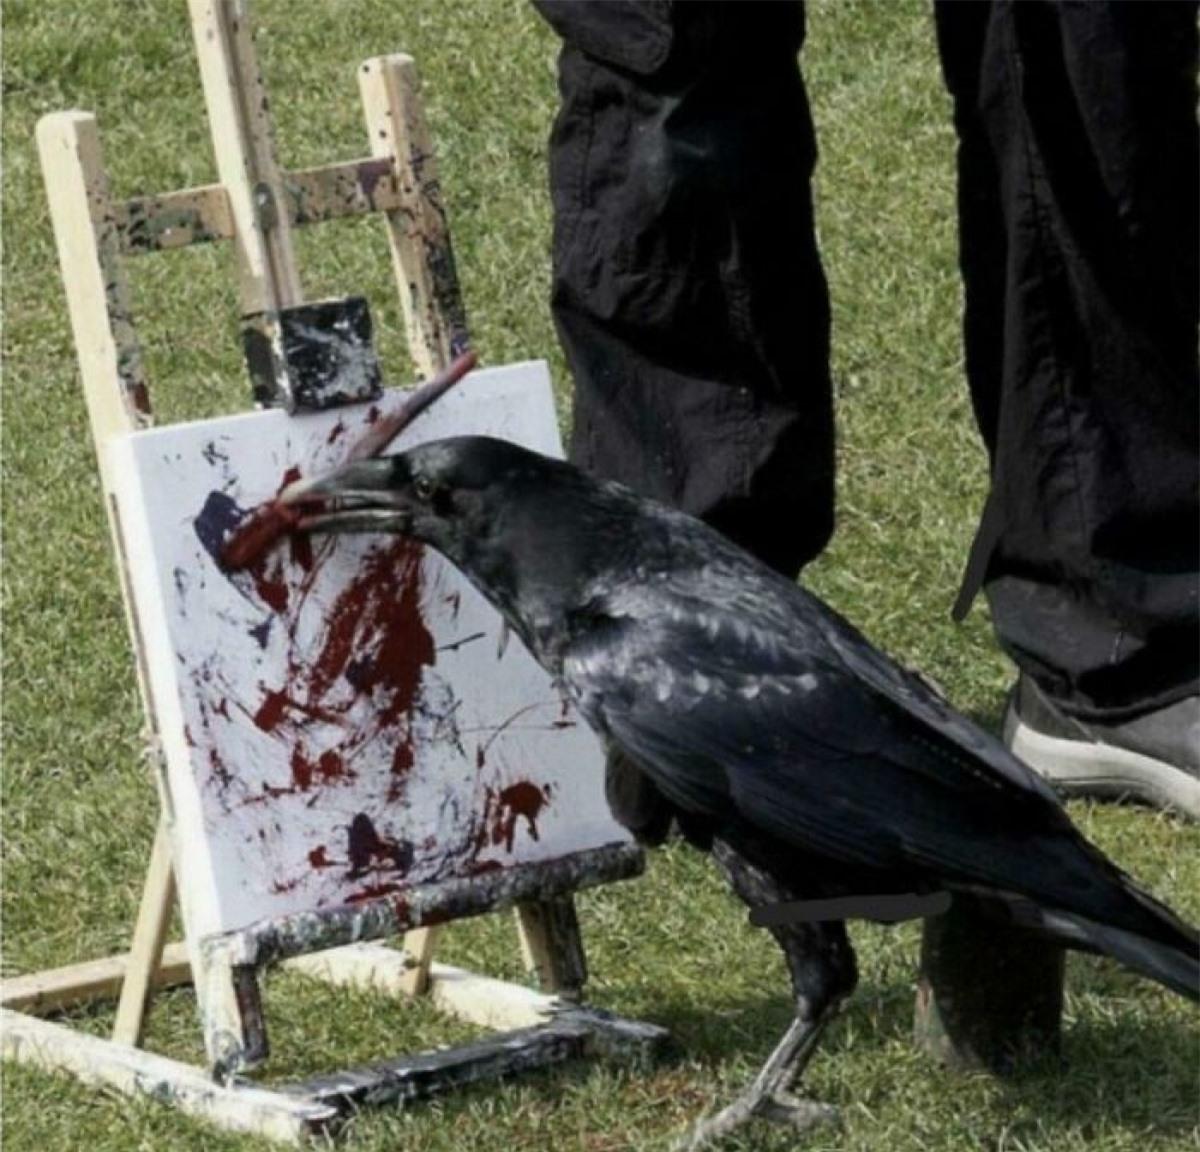 Chú quạ có niềm đam mê hội họa./.